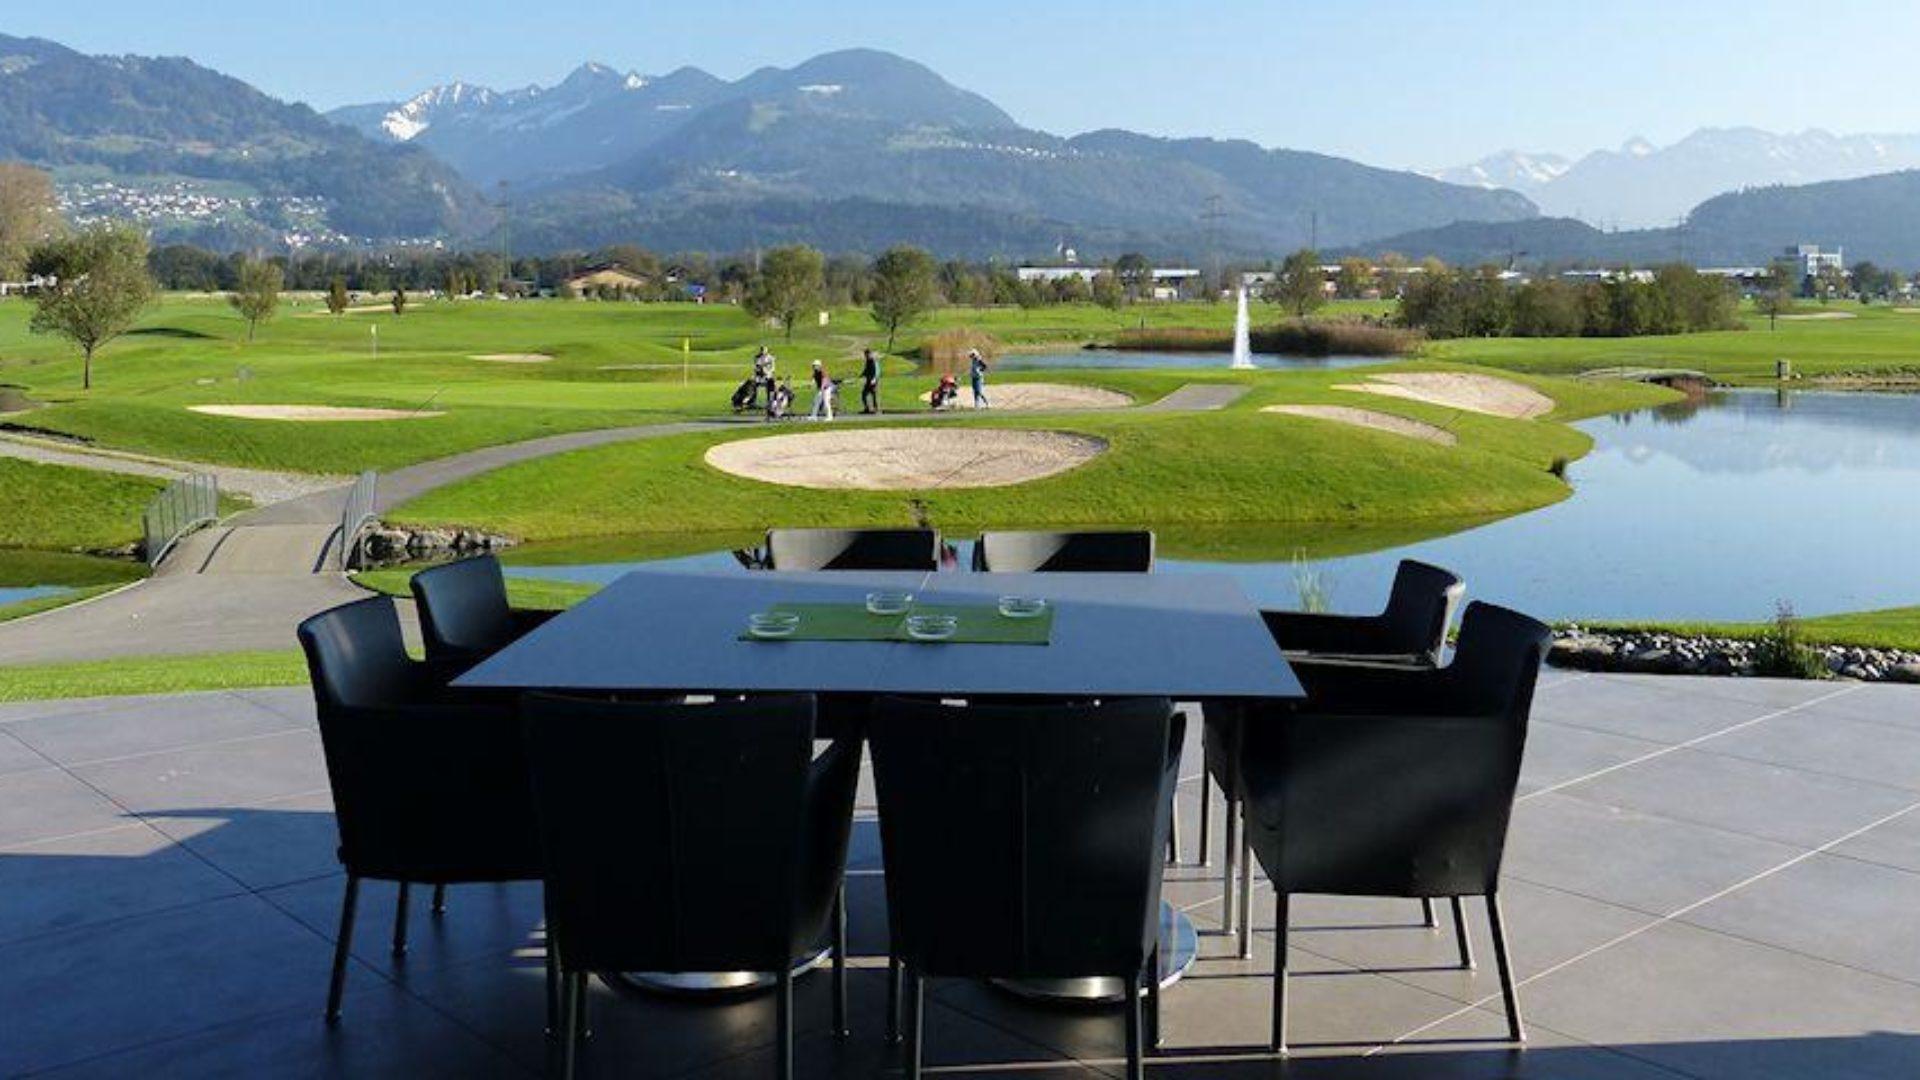 Golfclub Montfort Rankweil, Terrasse, Blick Golfplatz